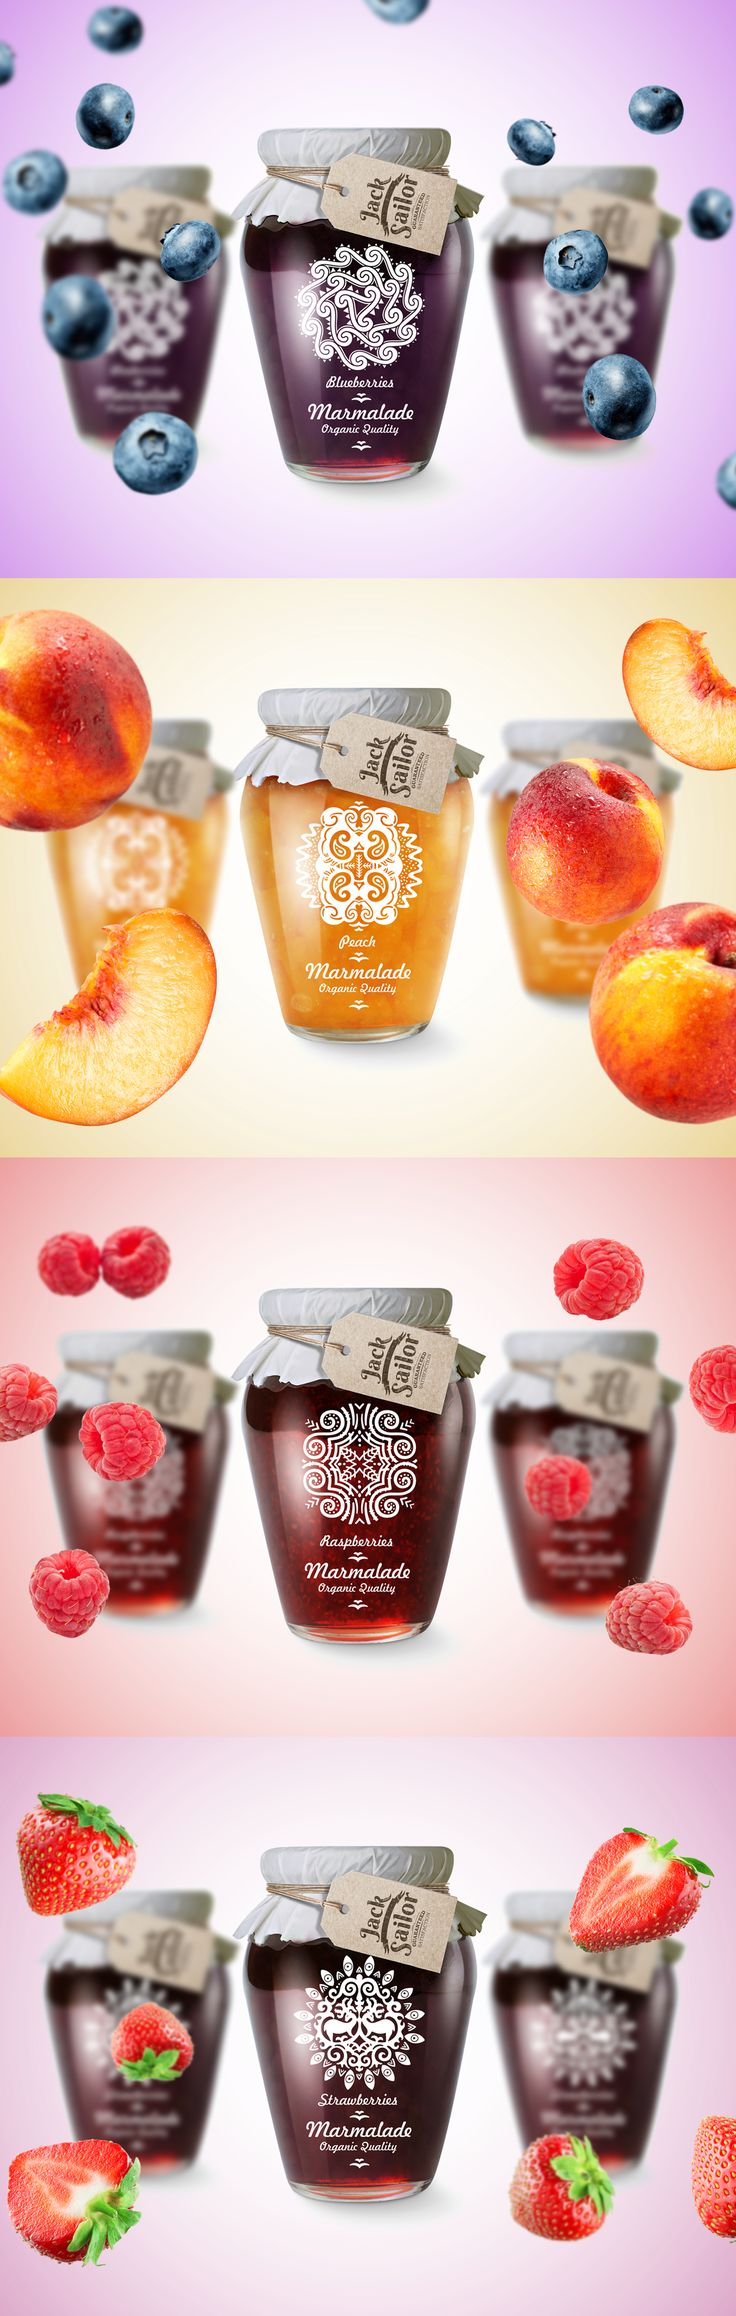 Jack Sailor Marmelade Packaging Design